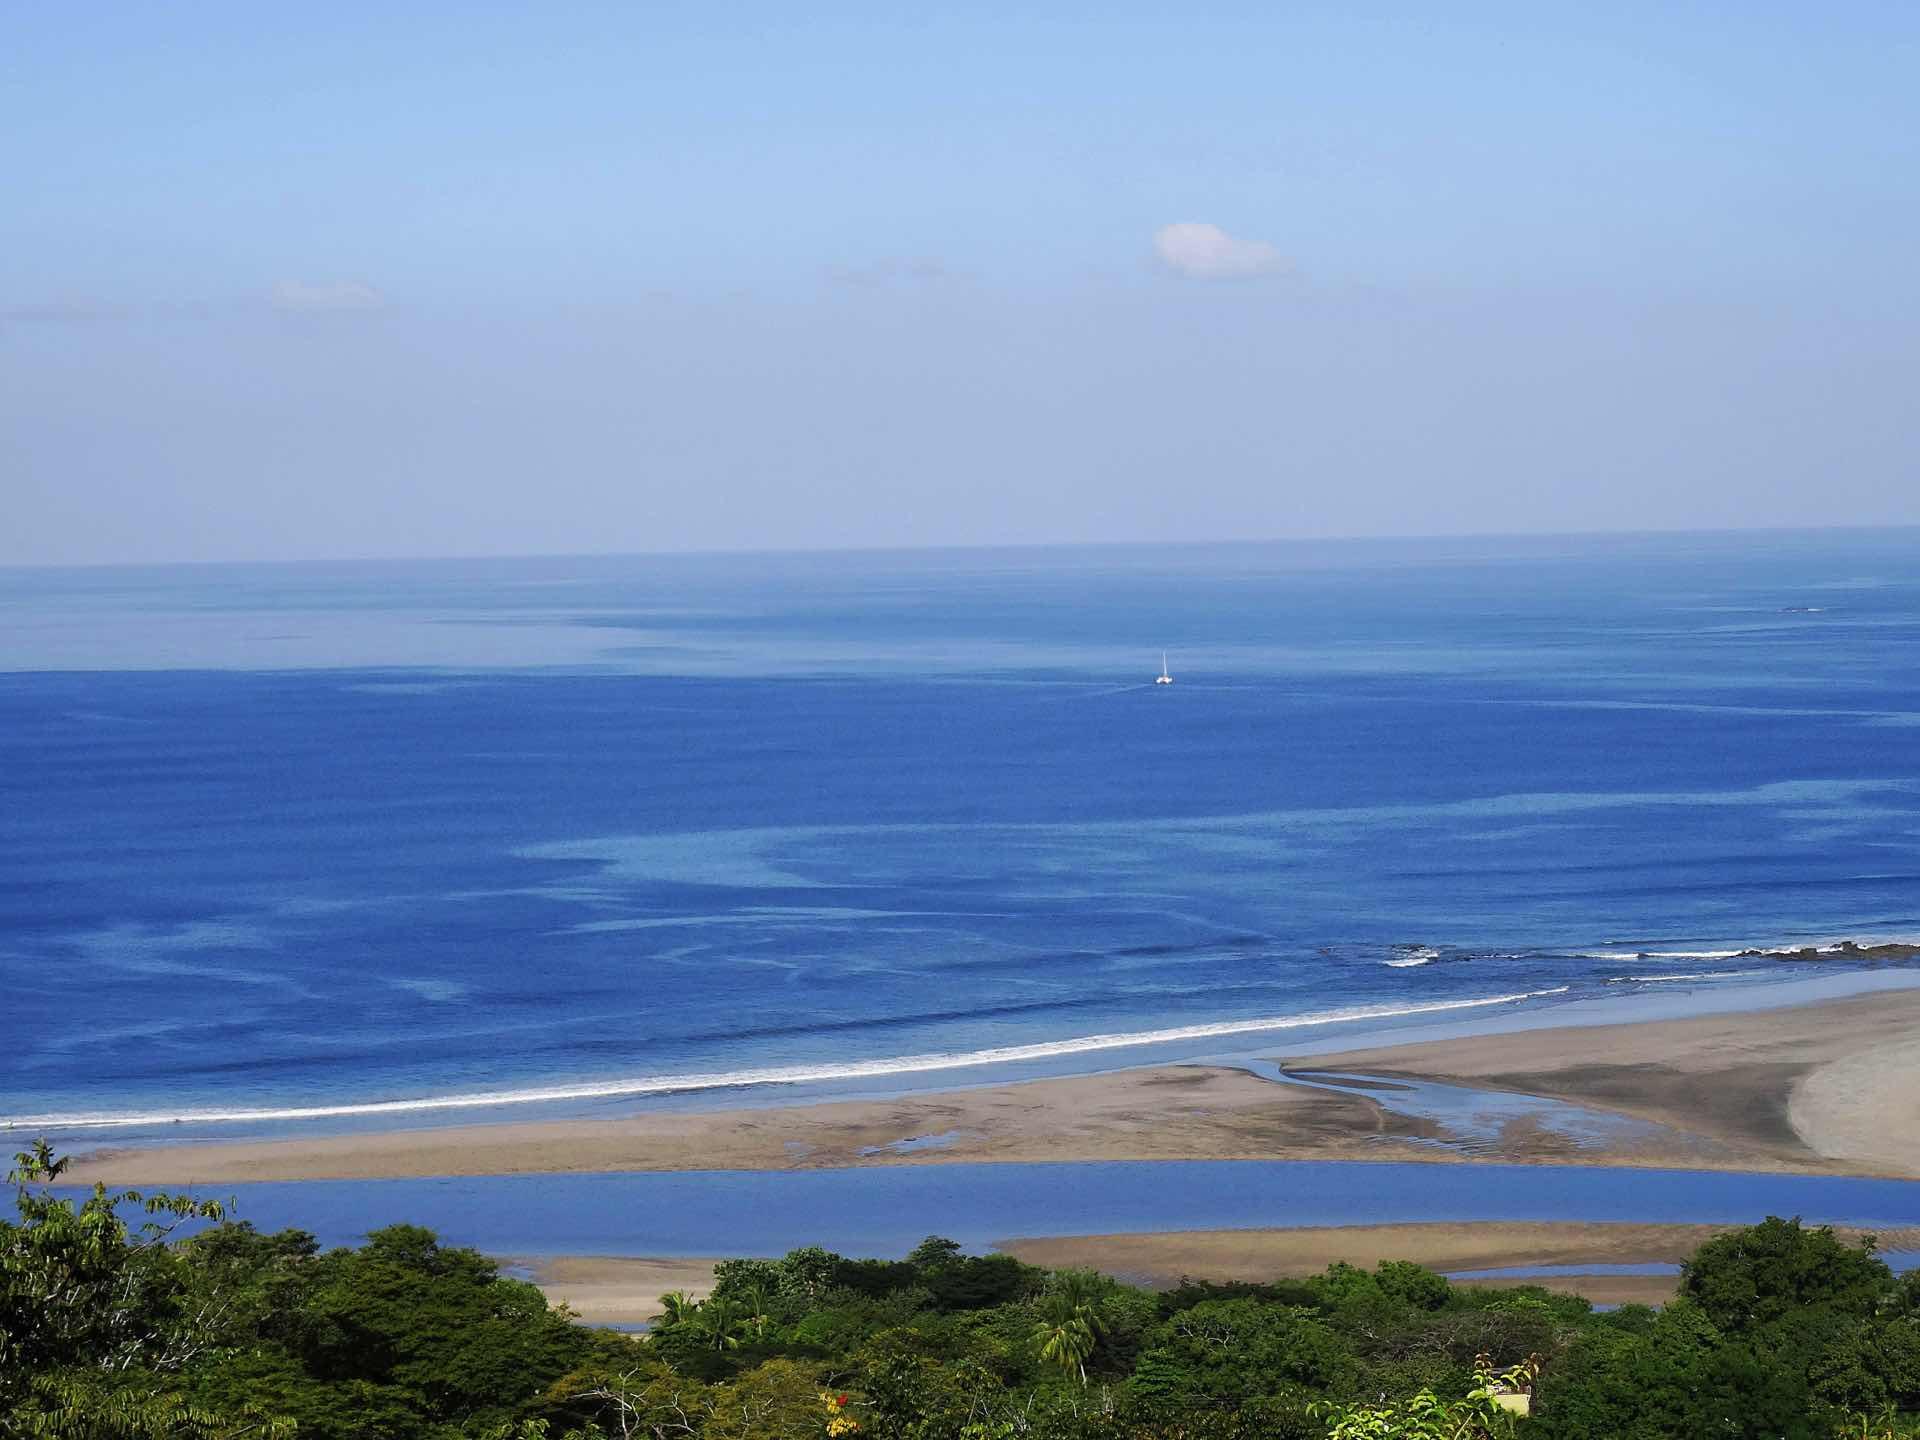 The Las Baulas estuary as it meets the ocean in front of Casa Xa